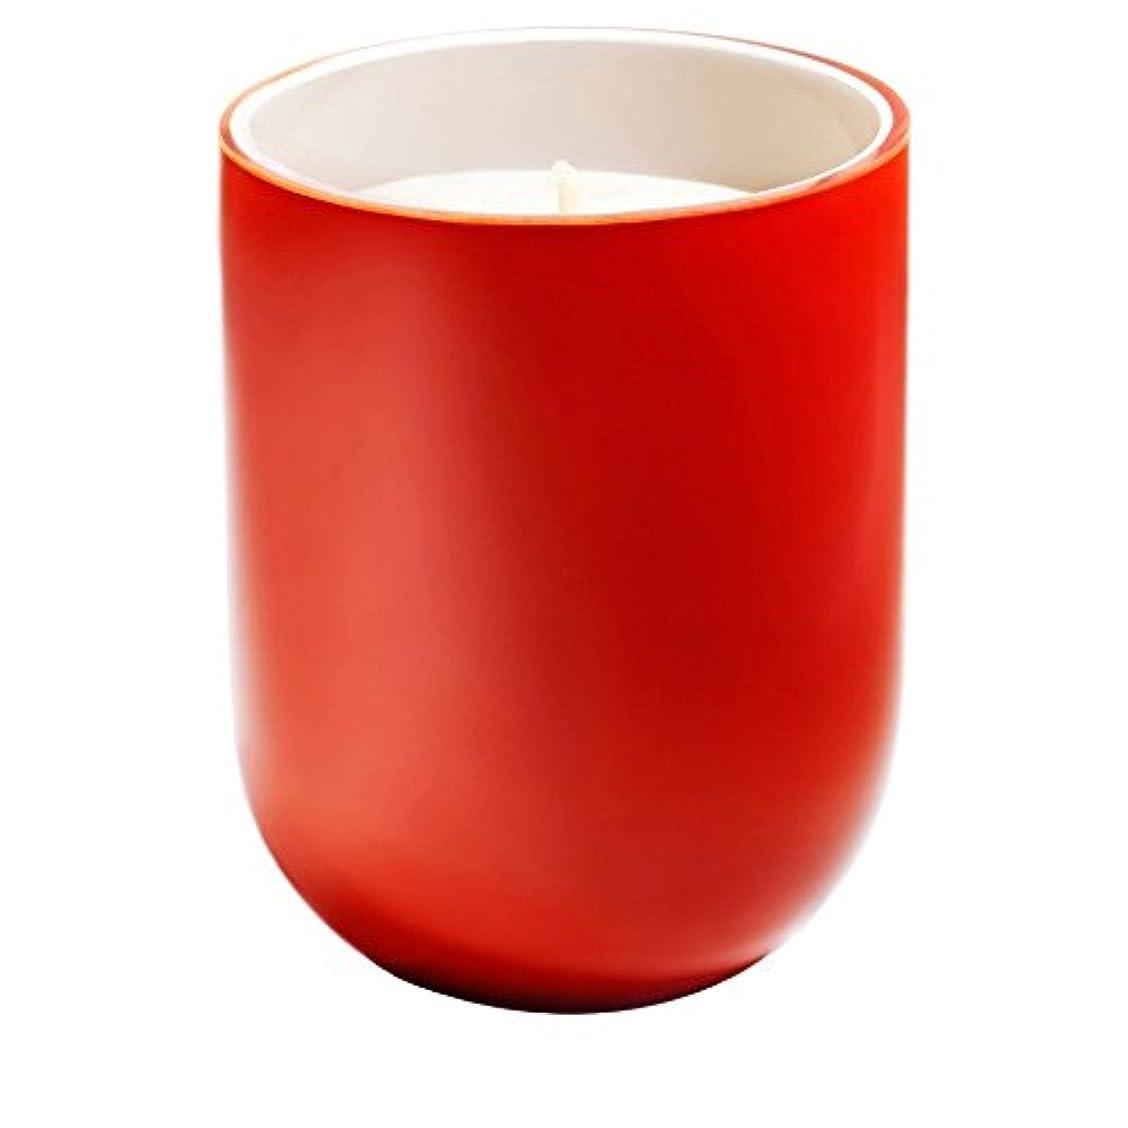 パトロール届ける矢印フレデリック?マルロシアの夜香りのキャンドル x6 - Frederic Malle Russian Night Scented Candle (Pack of 6) [並行輸入品]